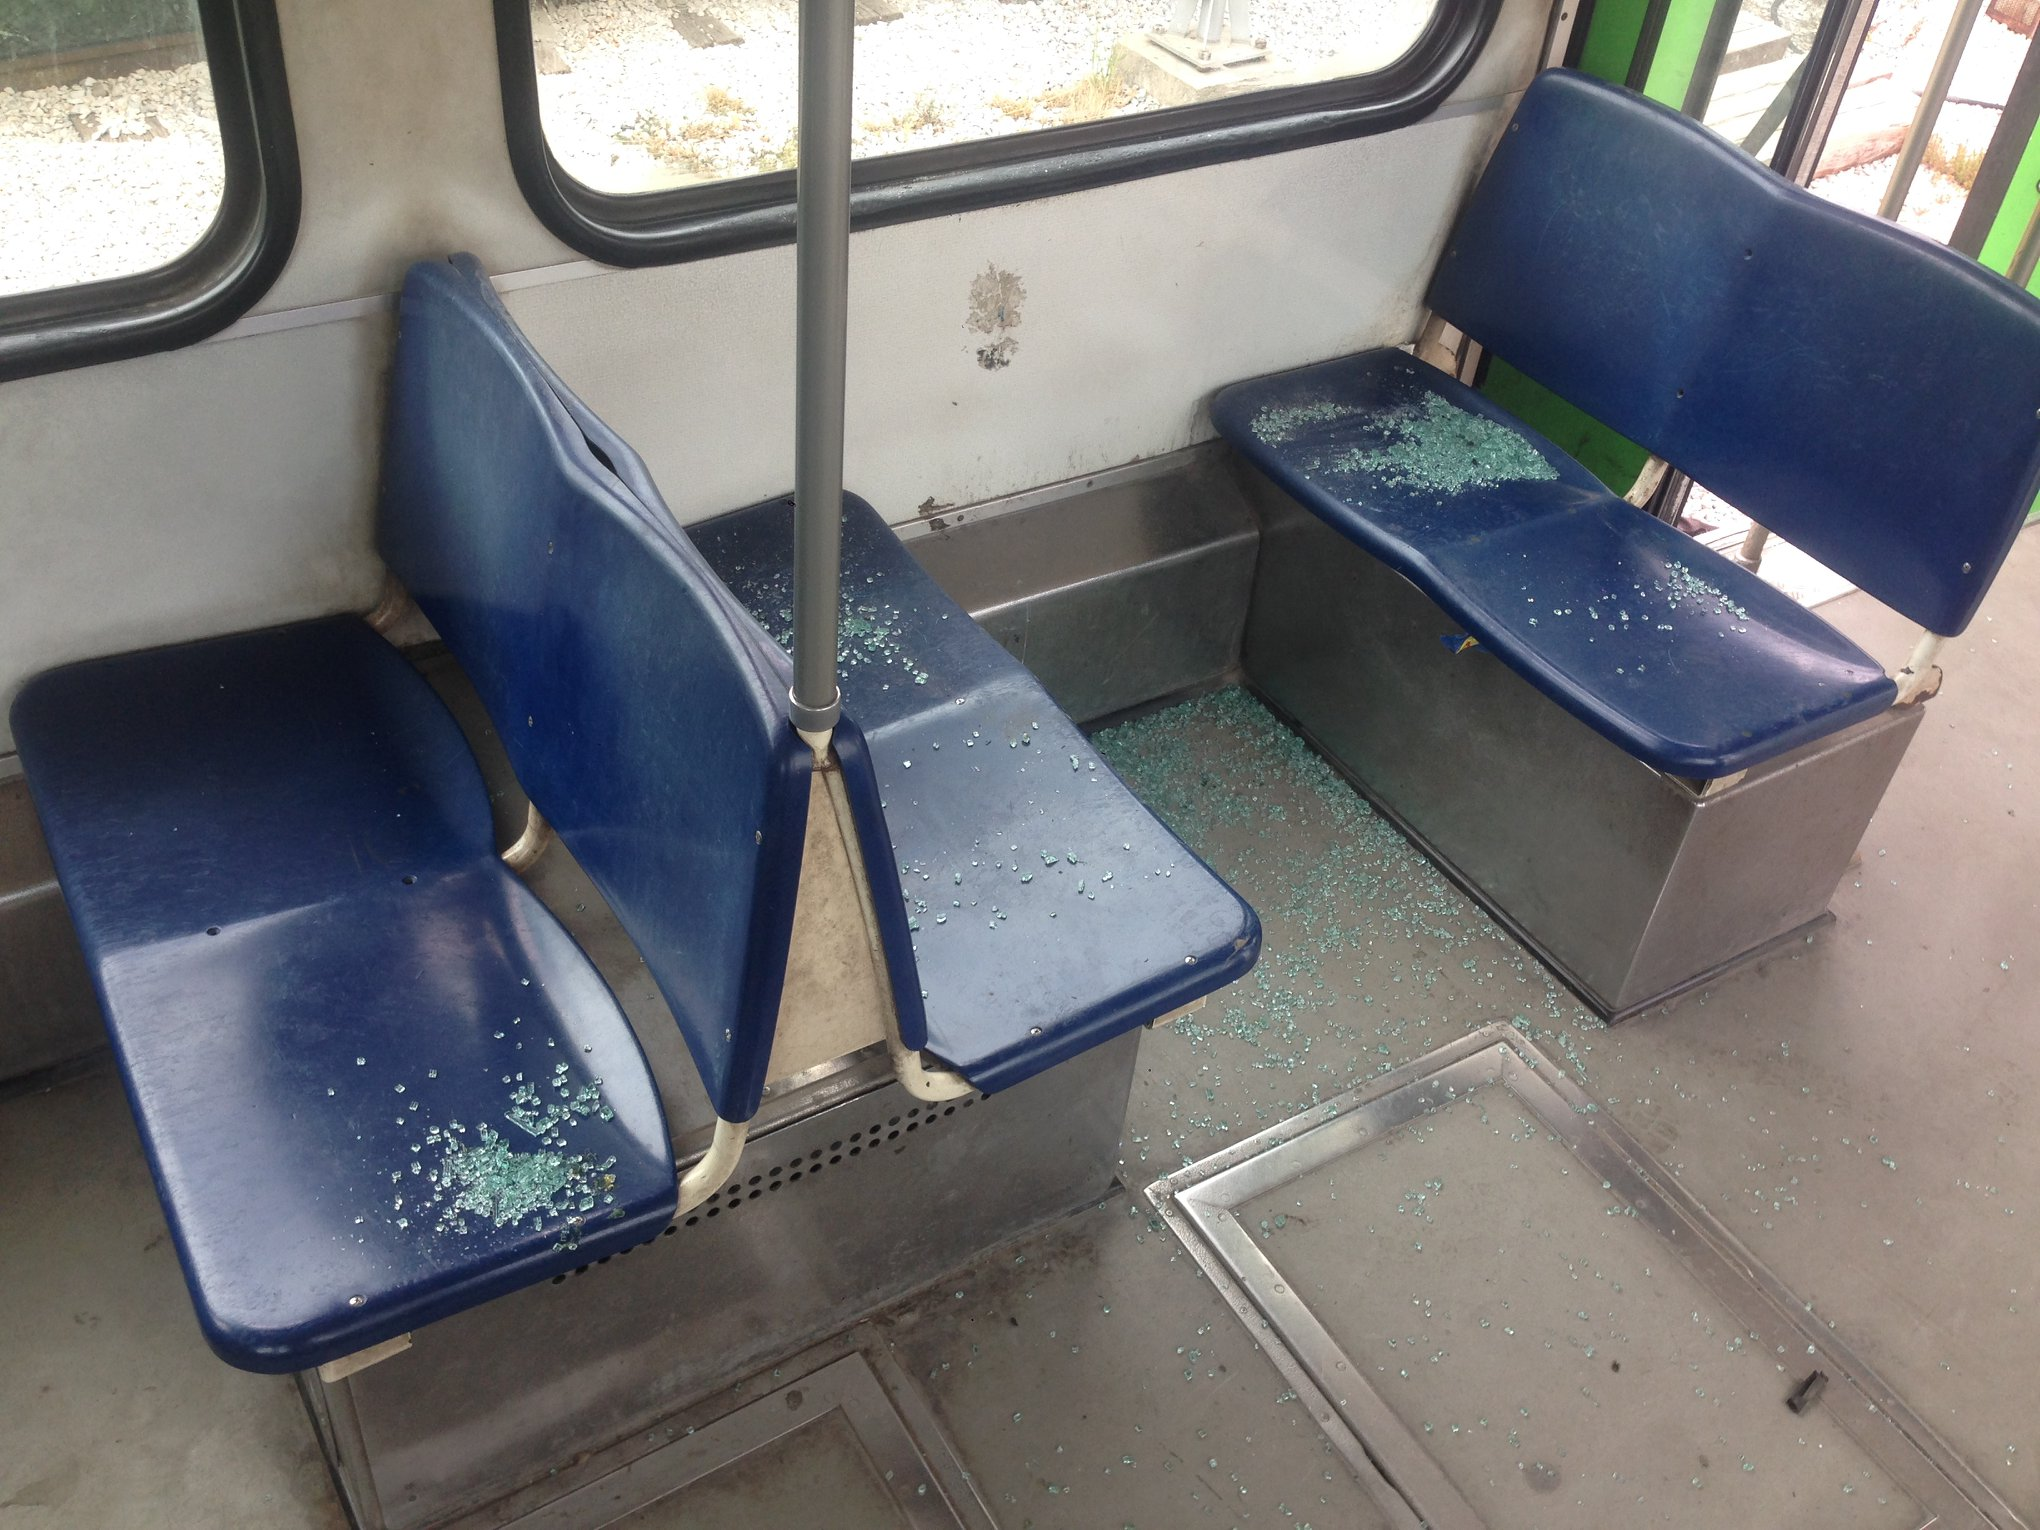 مصدر رسمي: اتهام صاحب شركة نقل بتخريب عربات المترو والقطارات